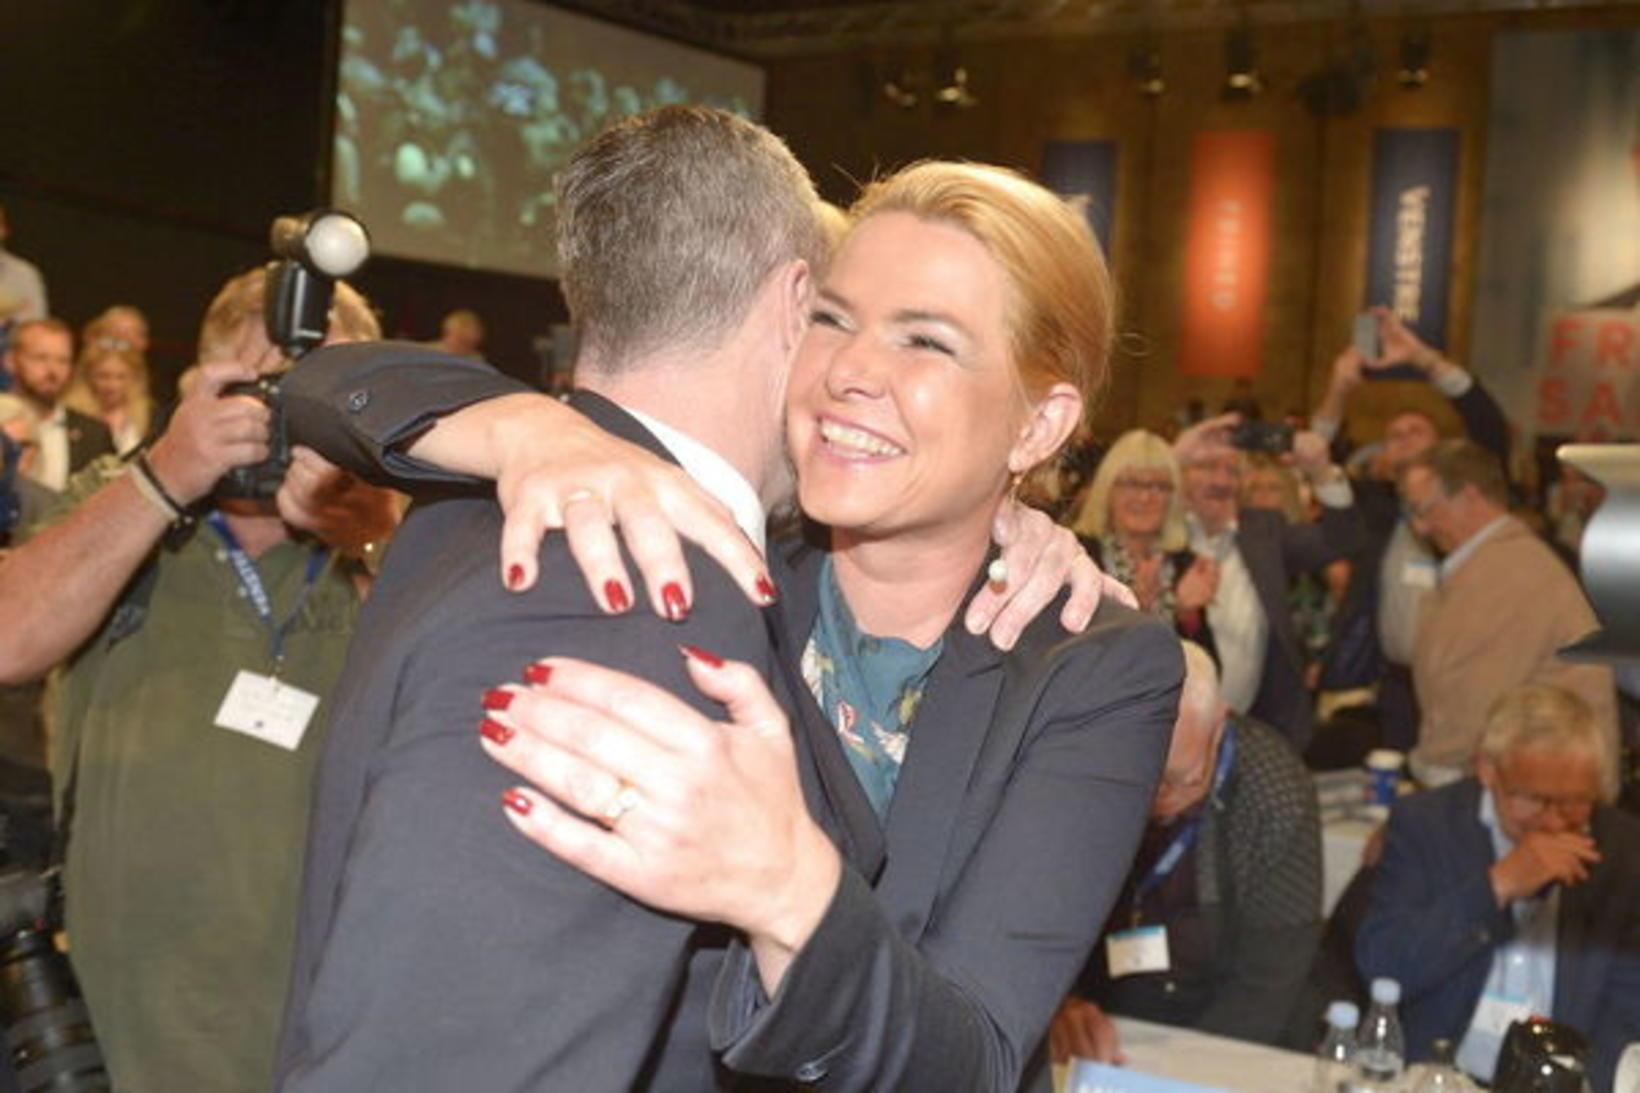 Inger Støjberg var kjörin varaformaður Venstre á landsfundi flokksins í …